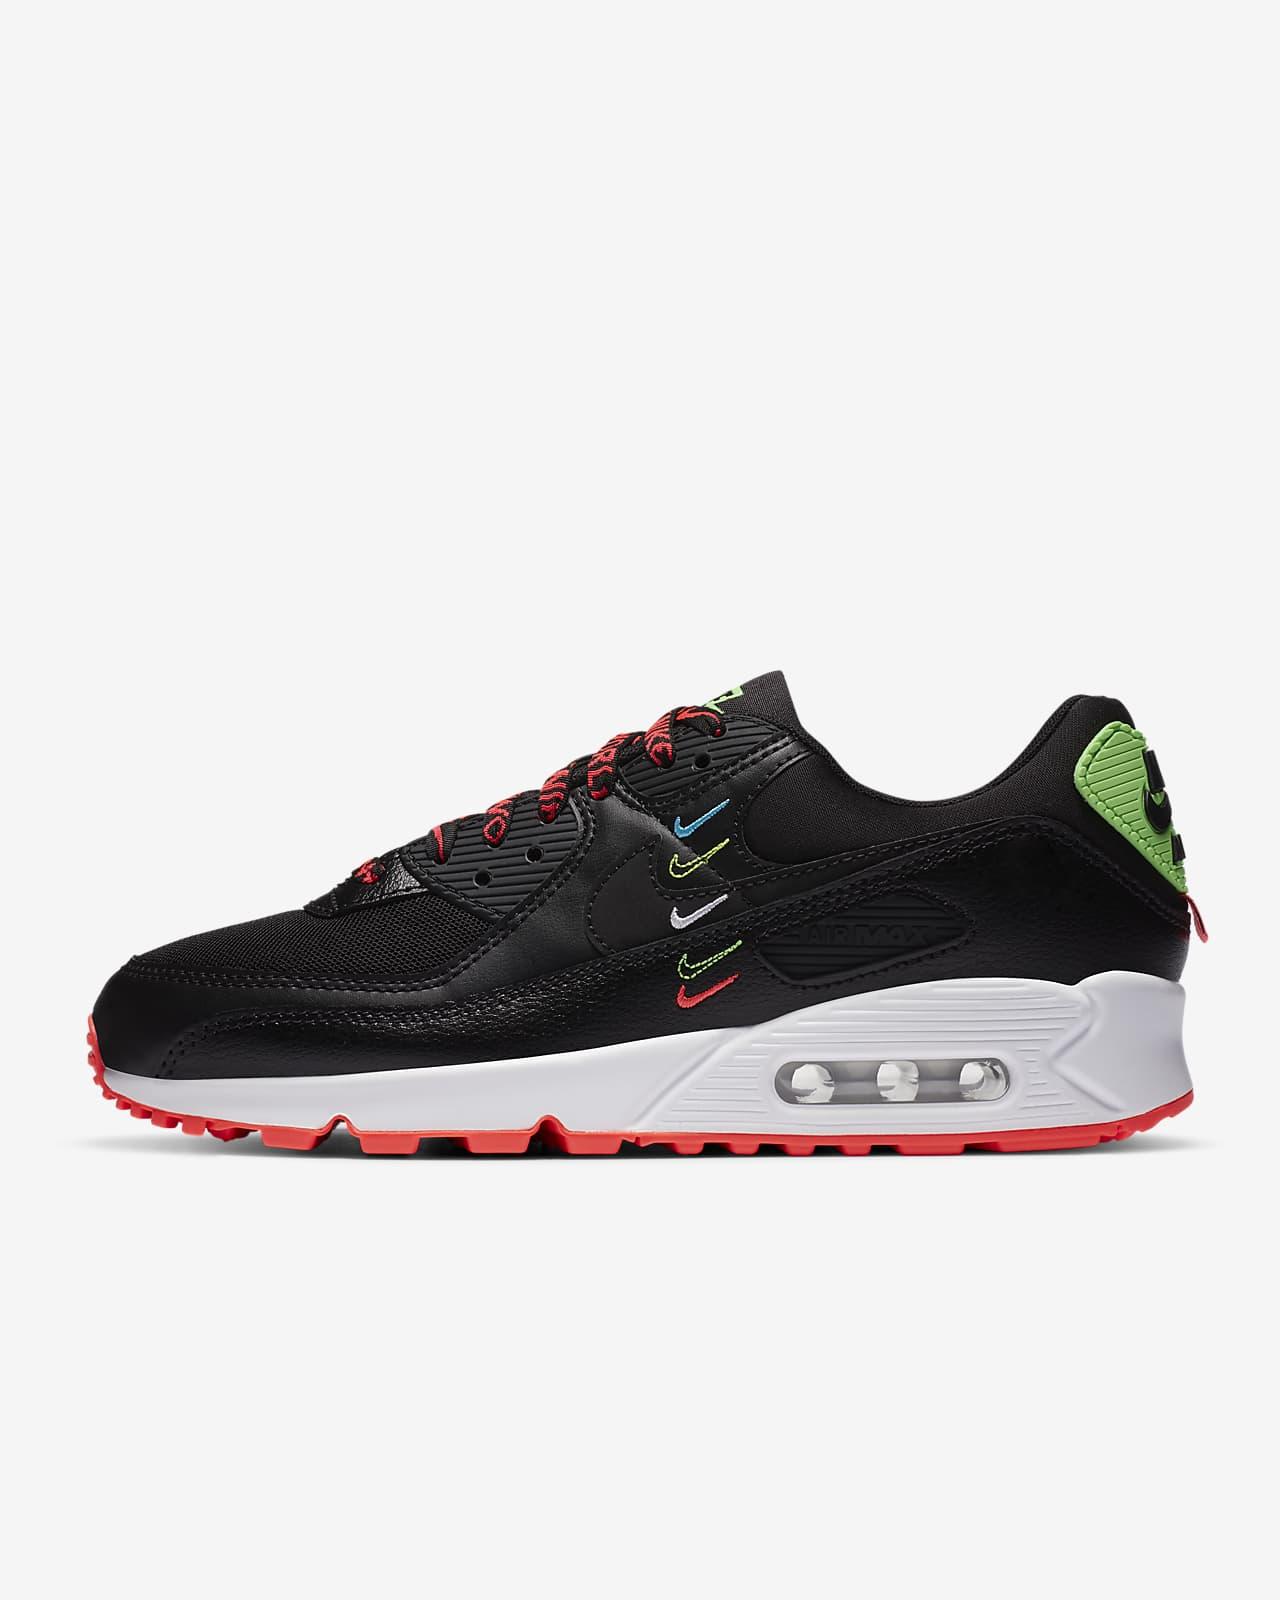 Nike Air Max 90 SE Damenschuh